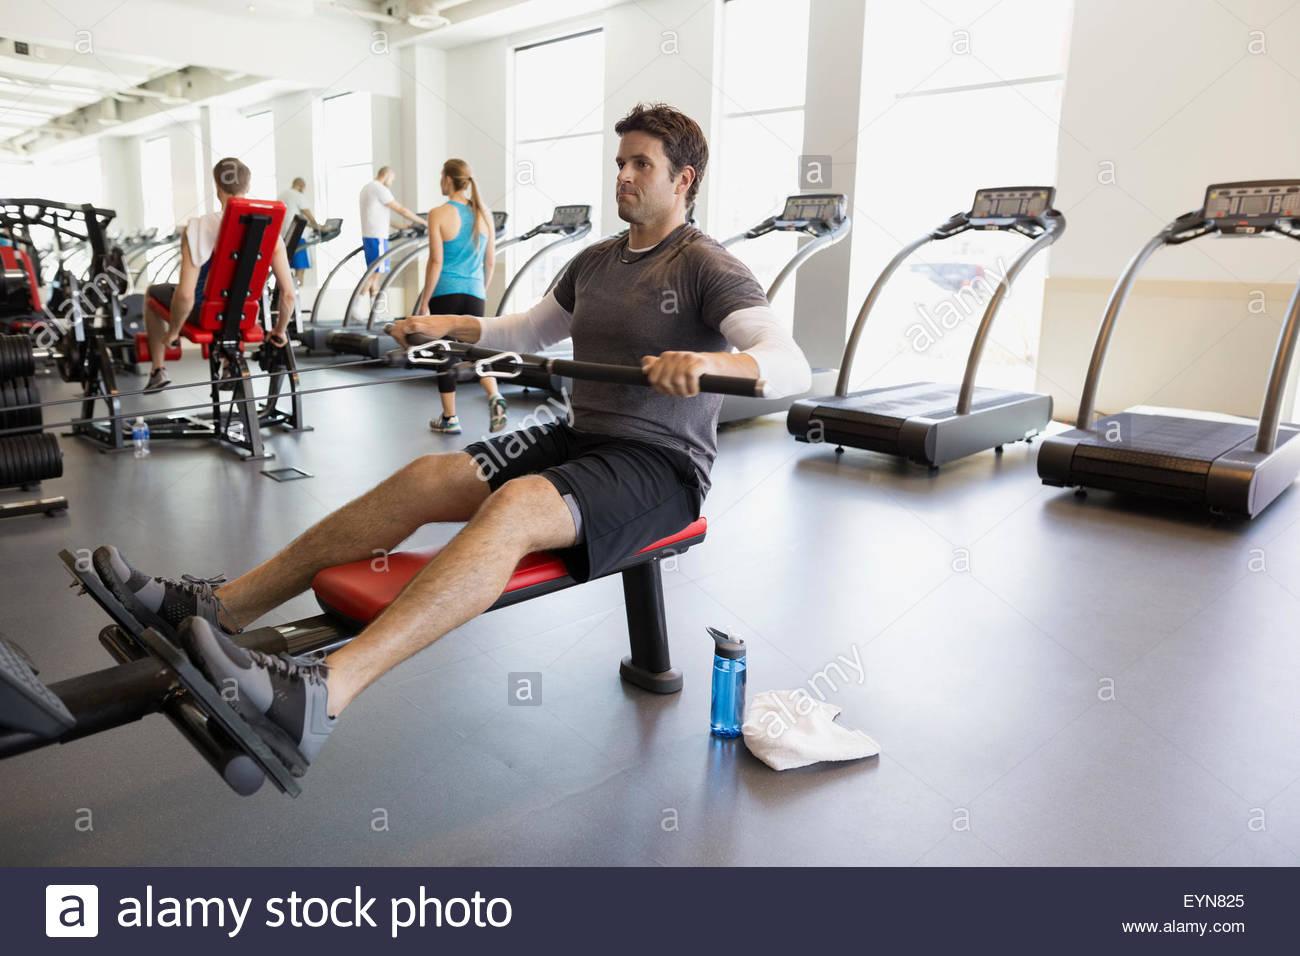 Hombre sentado haciendo fila en el gimnasio de cable Imagen De Stock